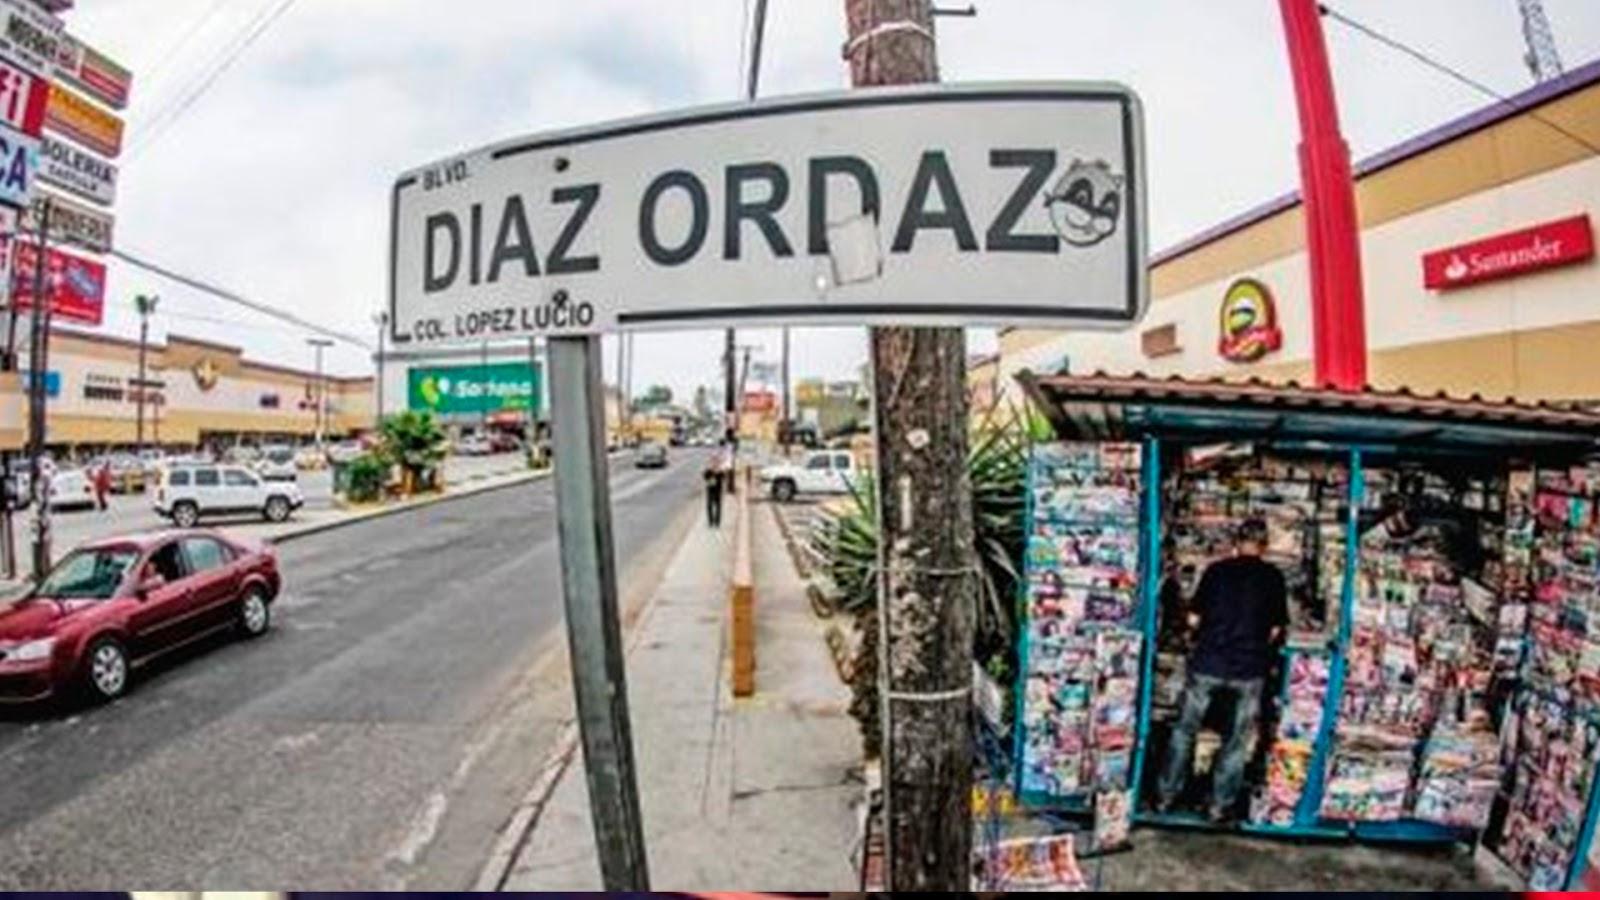 Lanzan convocatoria para quitar nombres de Díaz Ordaz y Echeverría en lugares públicos.